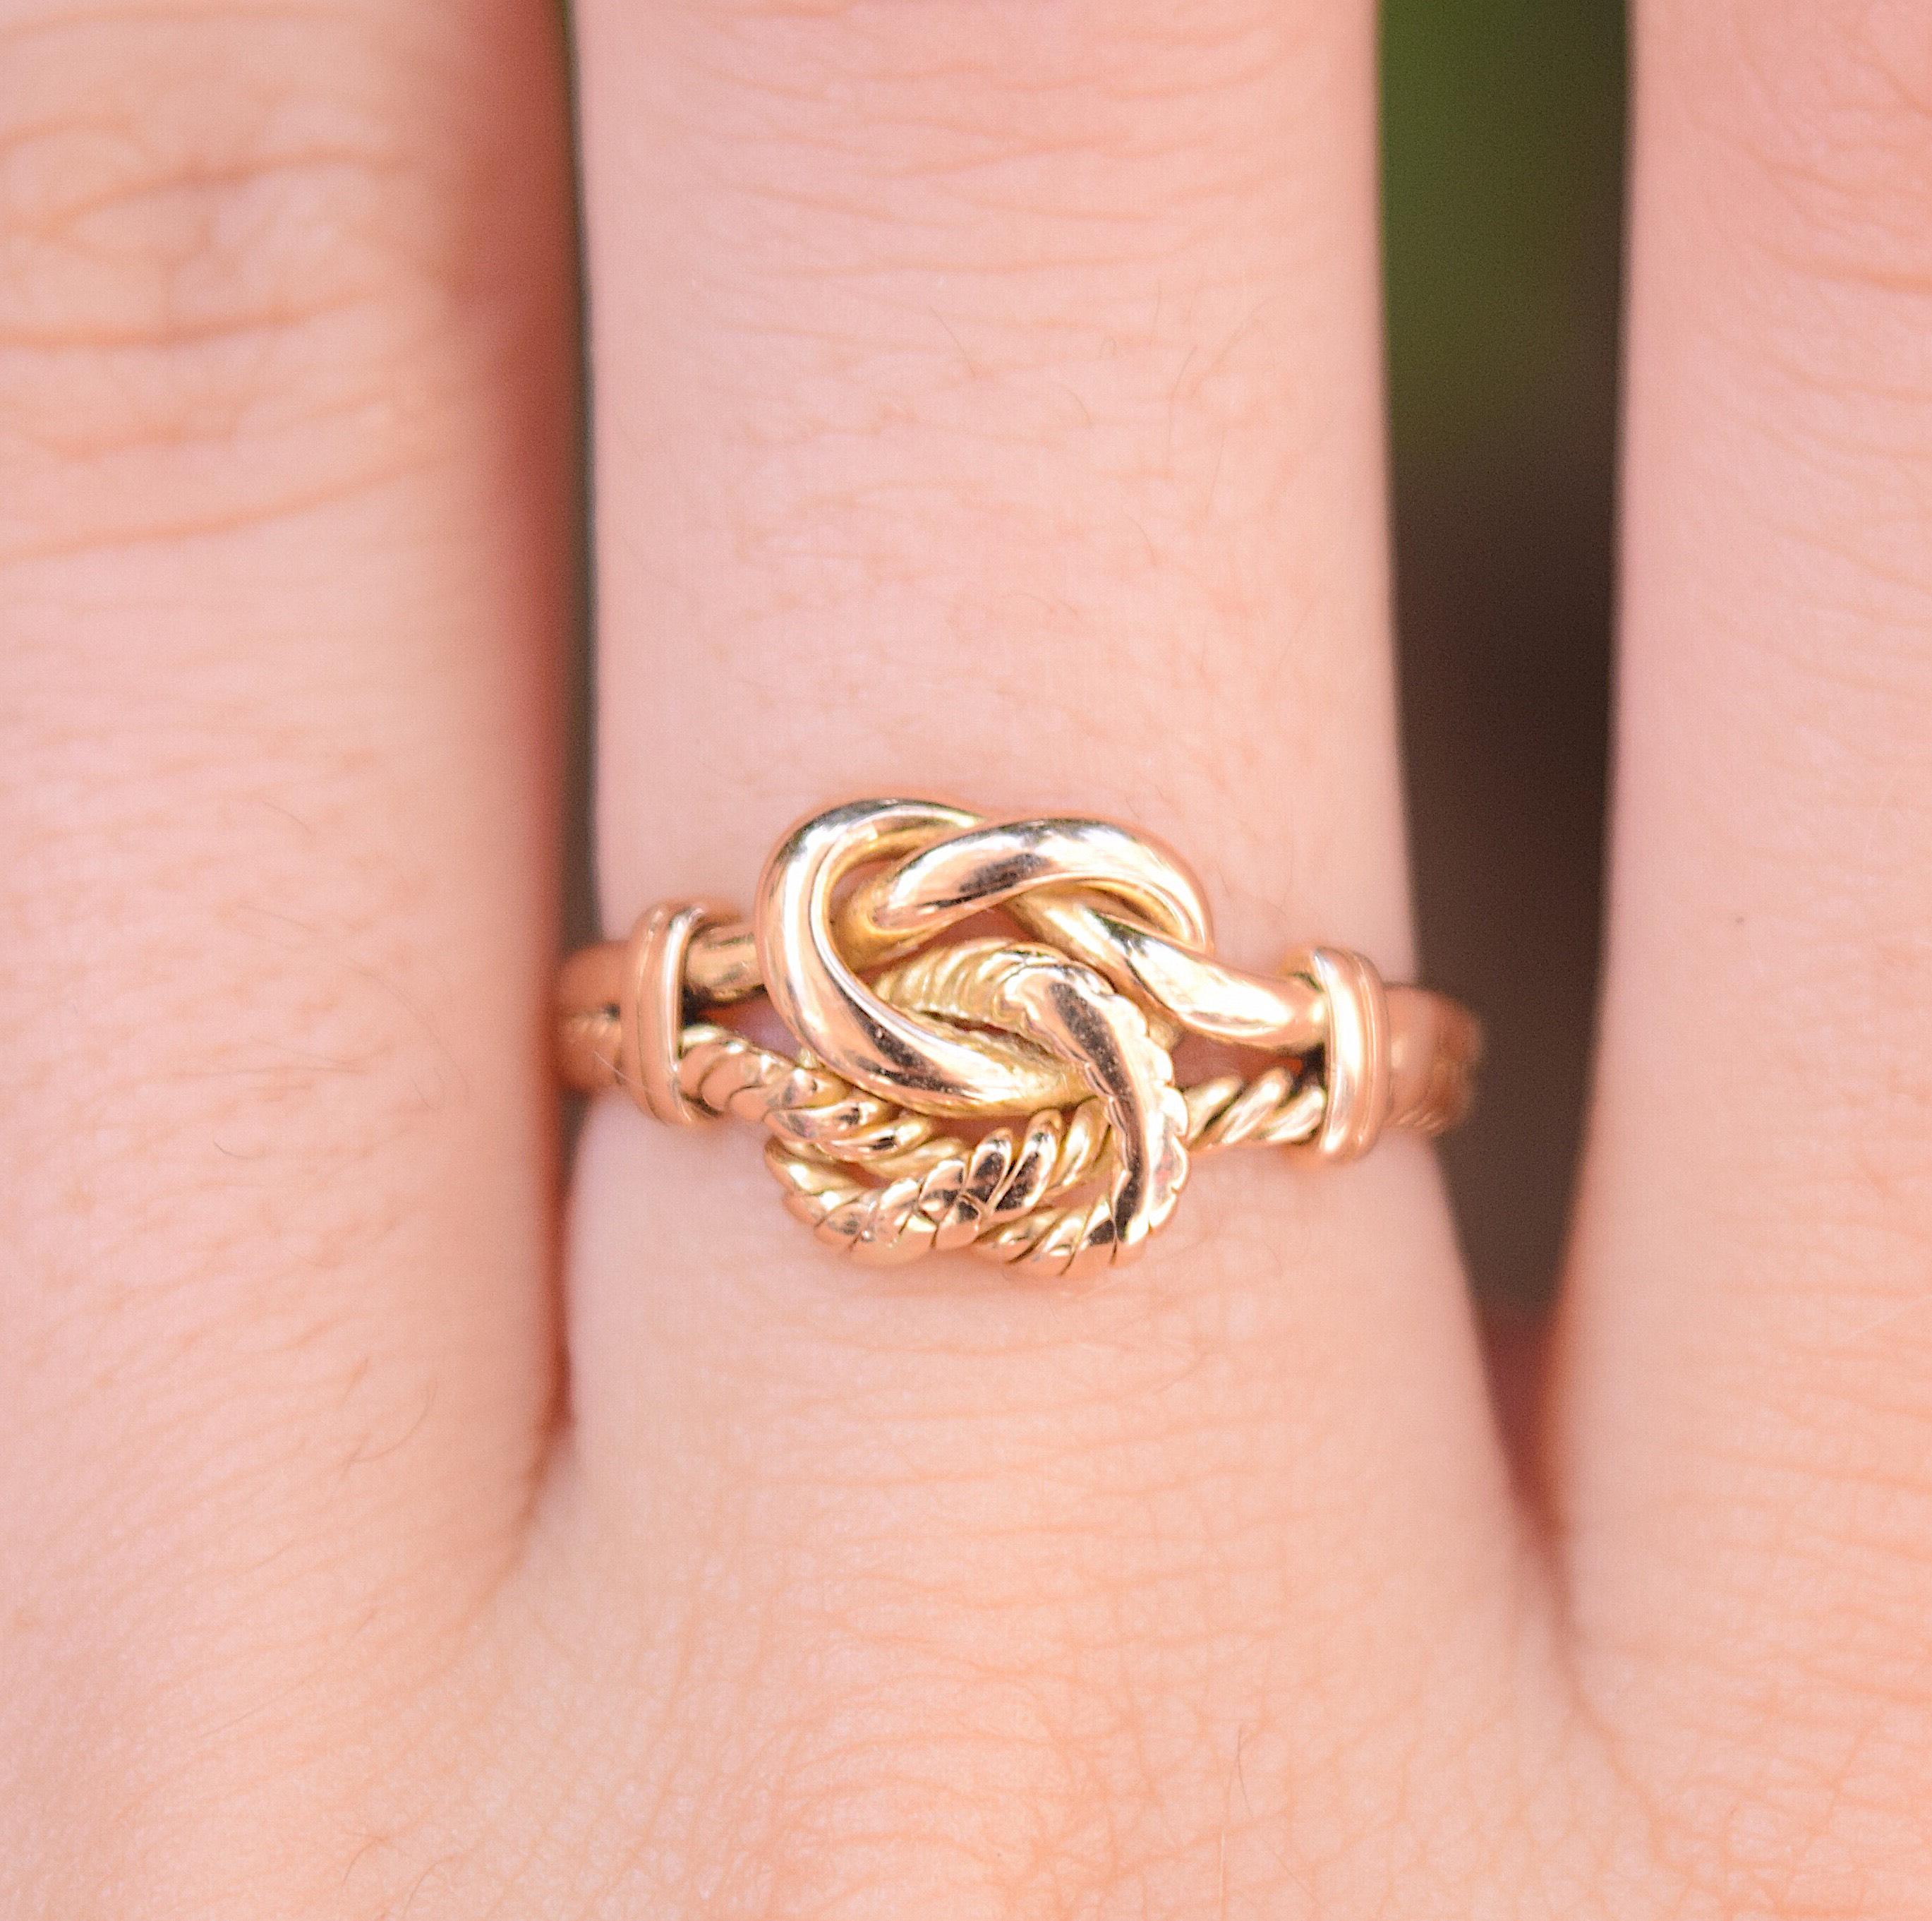 טבעת ויקטוריאנית זהב 18K, בצורת קשר האהבה.